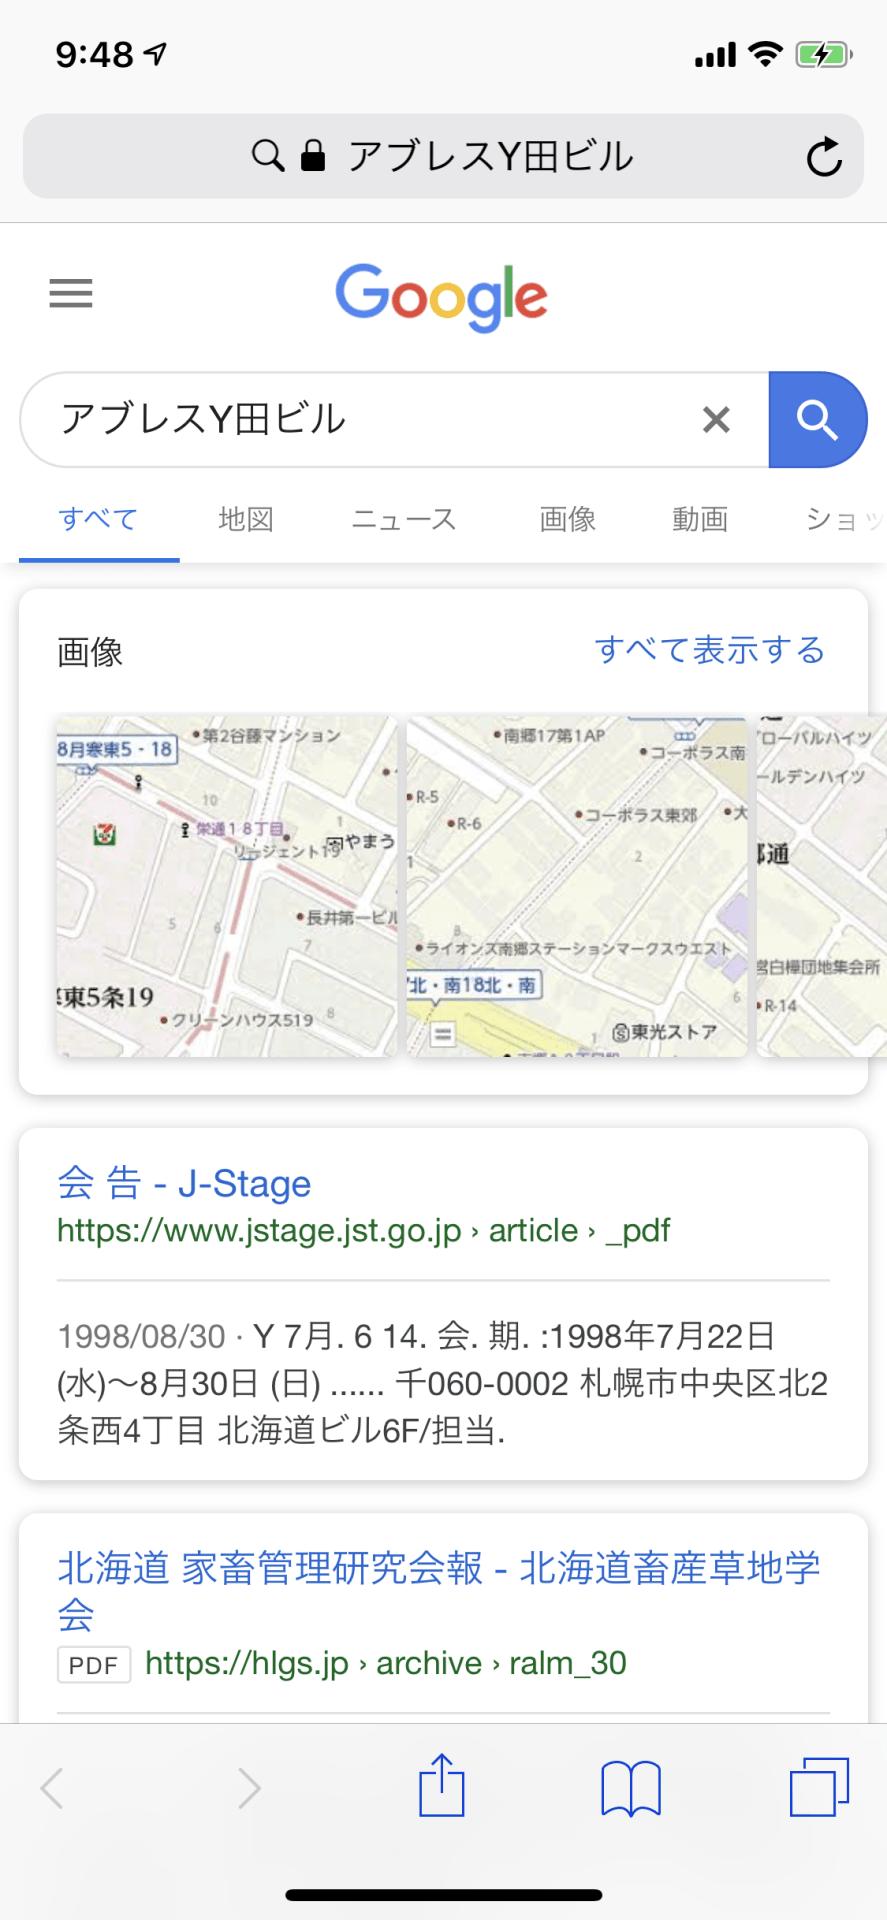 アブレスY田ビル